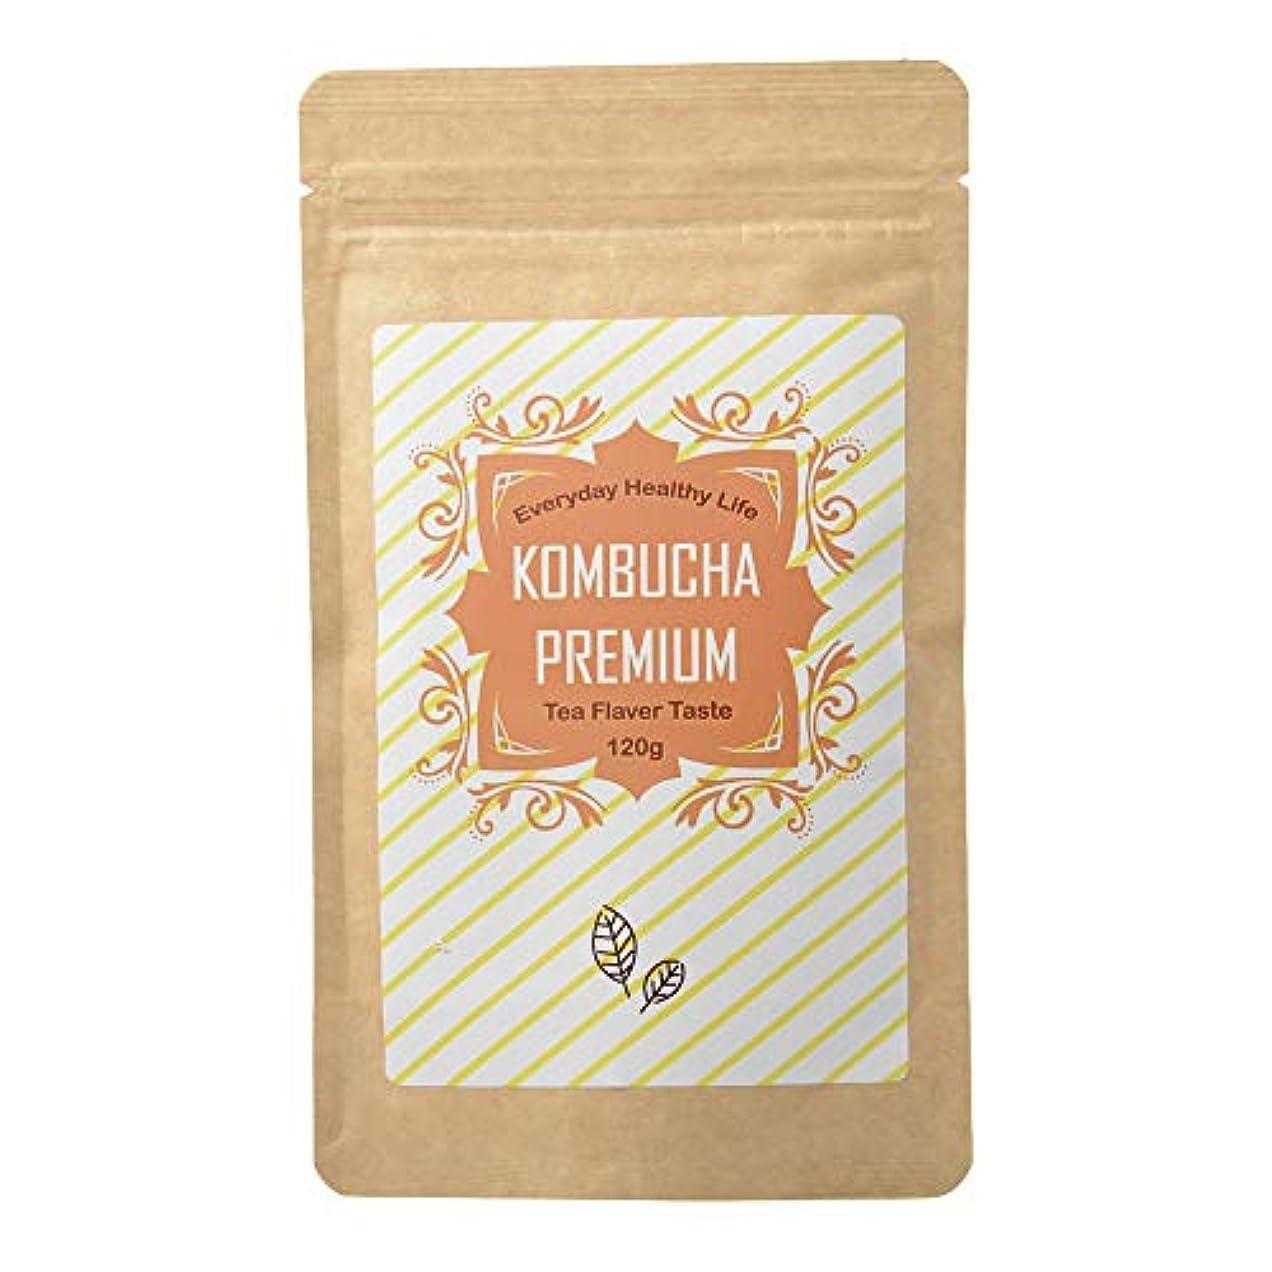 極地わずらわしいポジションコンブチャプレミアム (KOMBUCHA PREMIUM) ストレートティー味 日本製 粉末 飲料 [内容量120g /説明書付き]